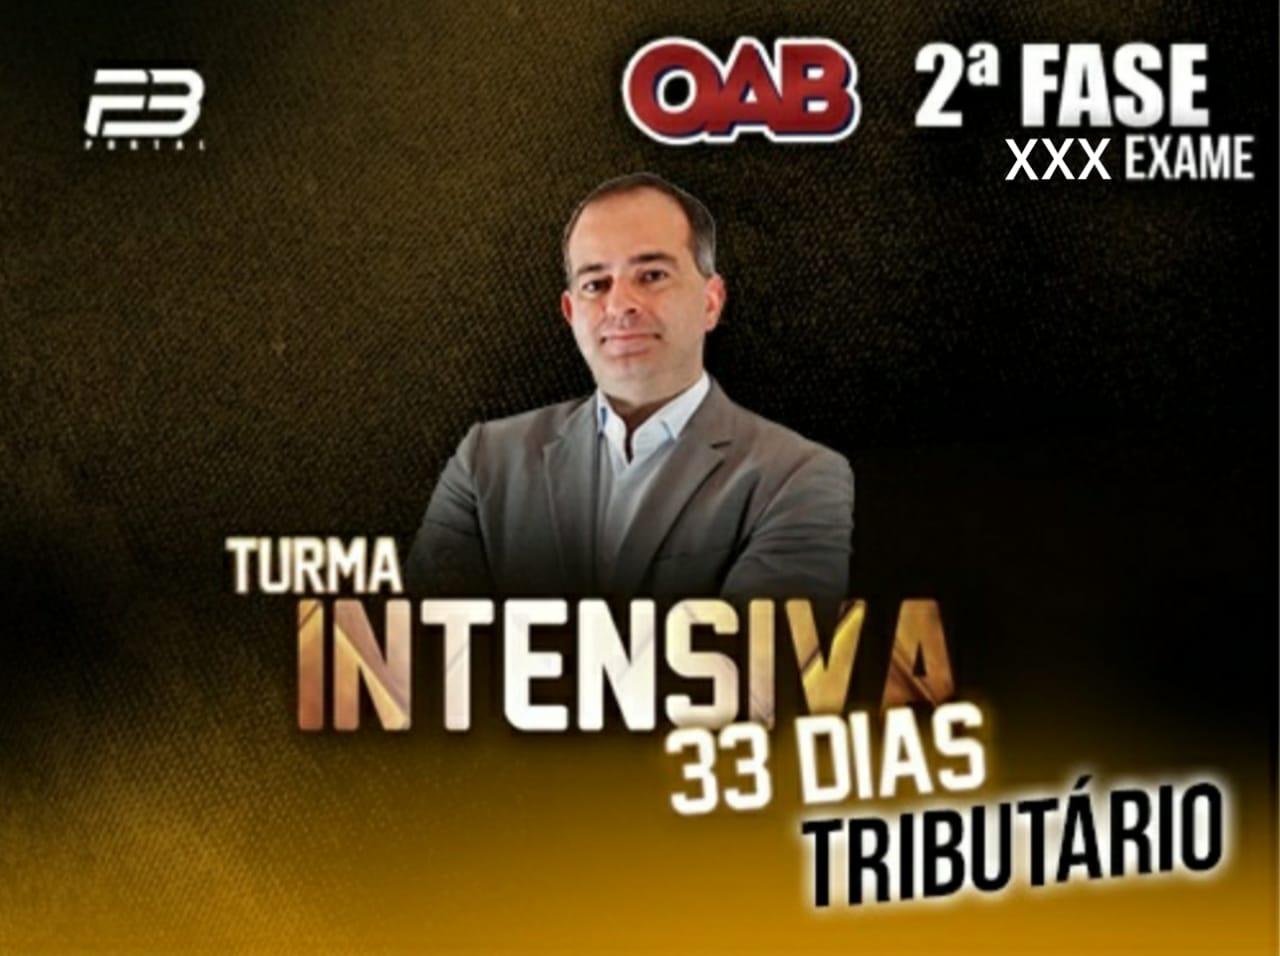 2ª FASE DIREITO TRIBUTÁRIO XXX EXAME -  INTENSIVÃO 33 DIAS